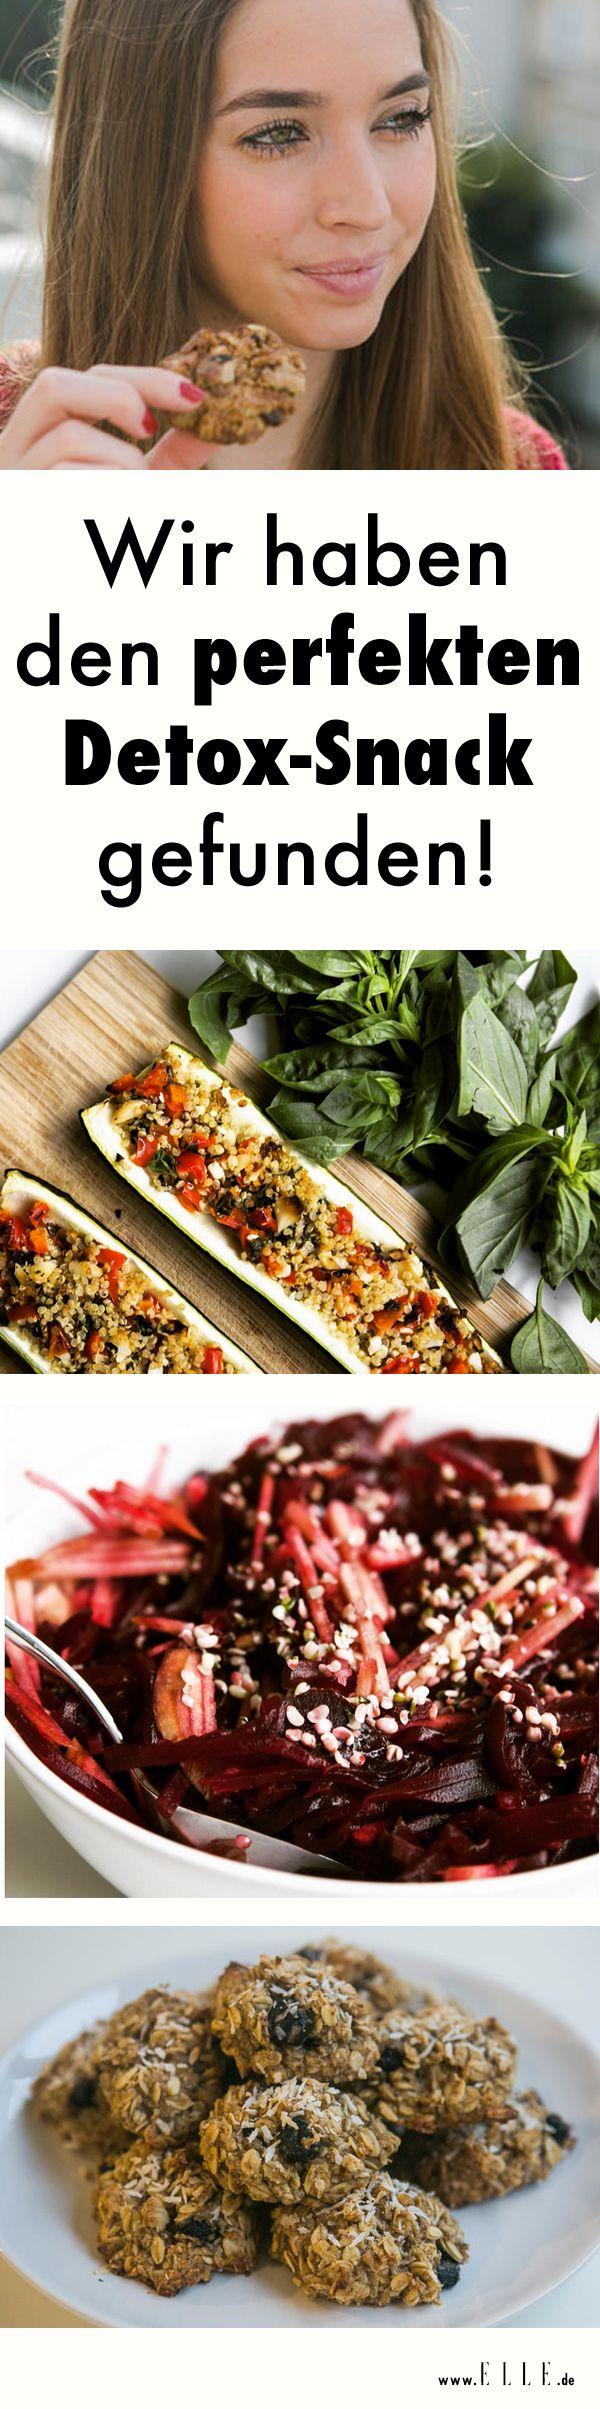 Schlemmen und gleichzeitig was für die Figur tun: Auf ihrem Foodblog Nathalie's Cuisine veröffentlicht Nathalie Gleitman gesunde und köstliche Rezepte. Eine Probe gibt es hier...